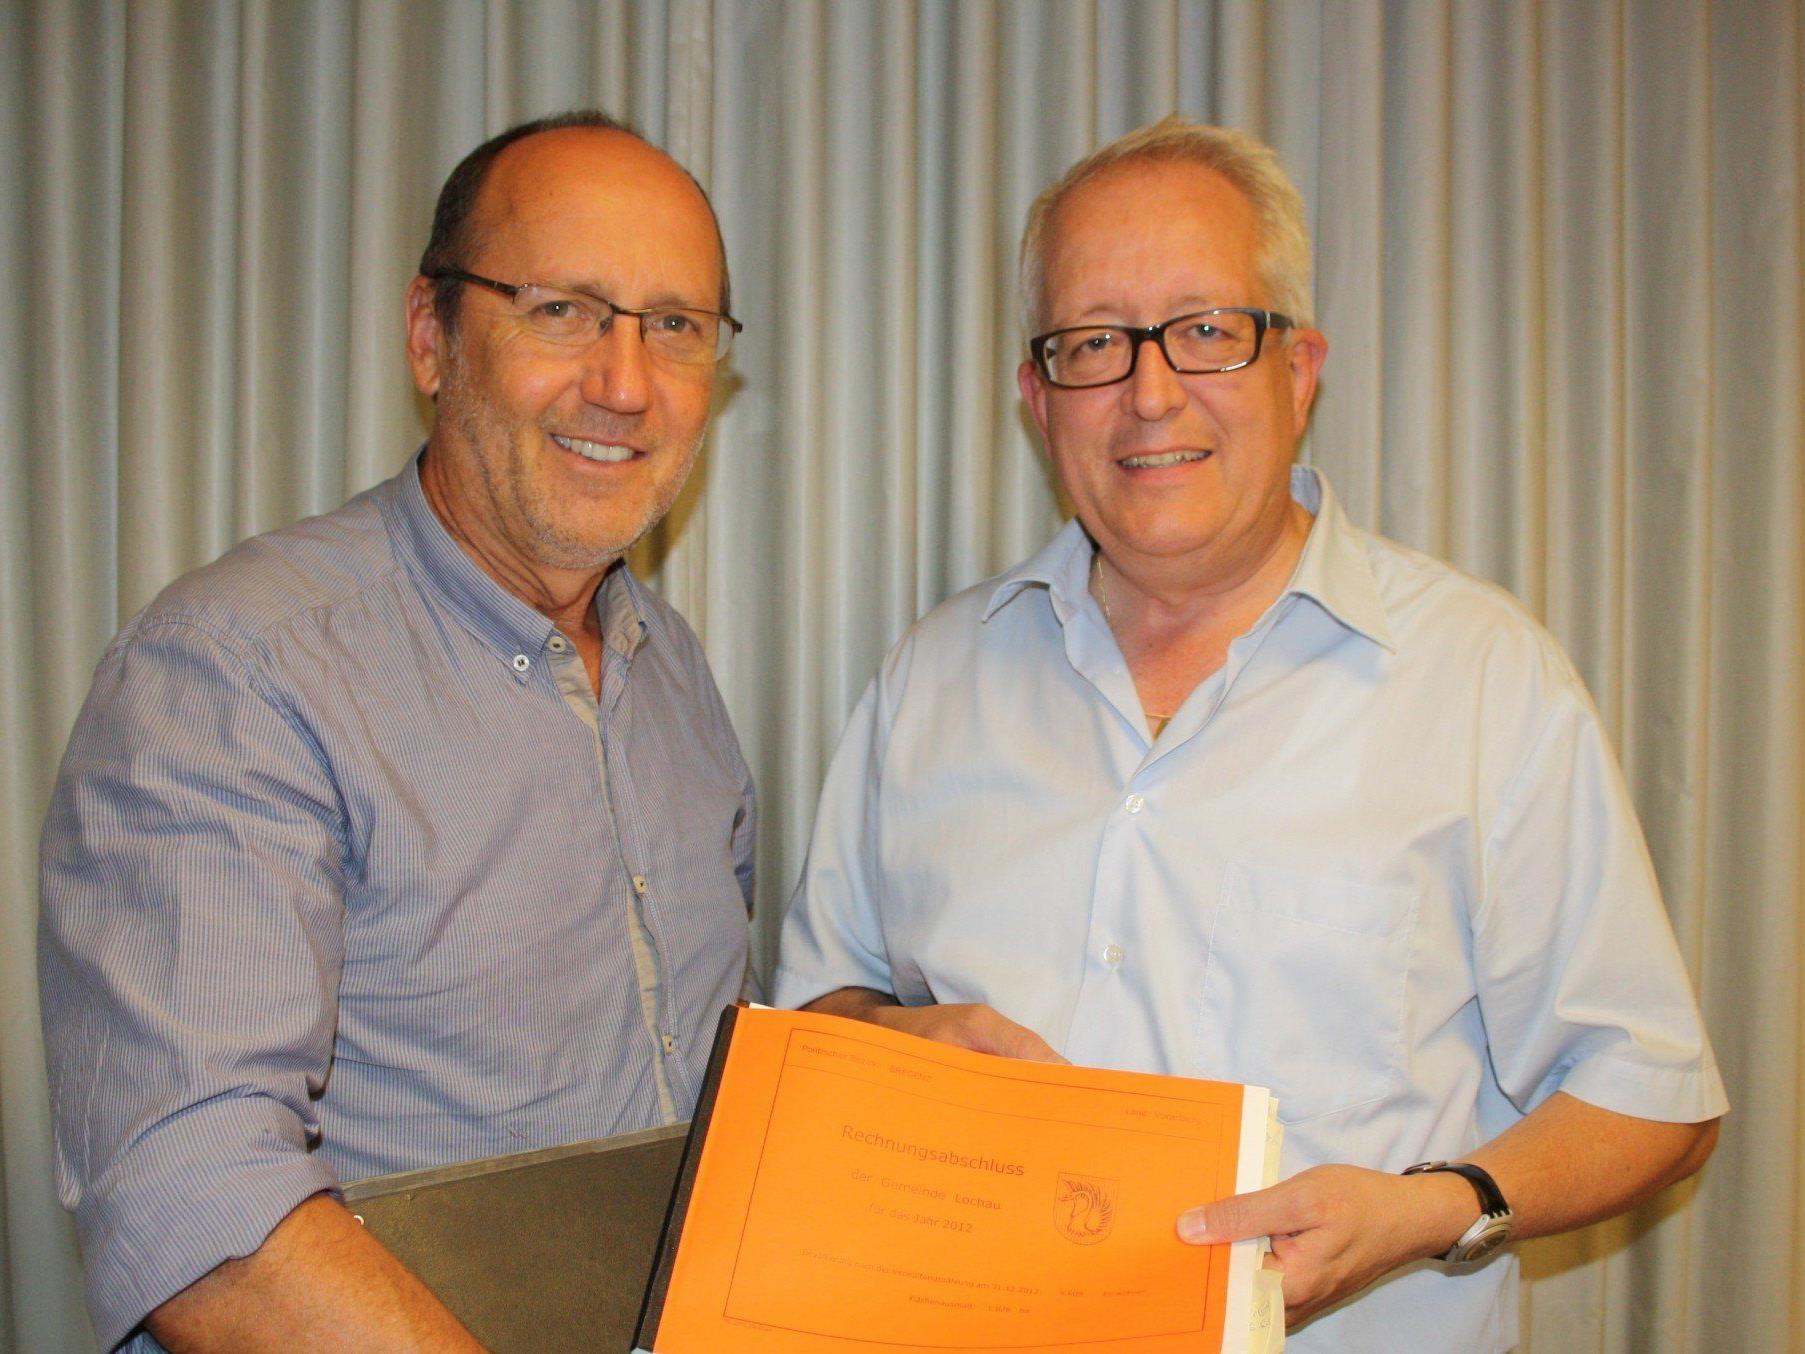 Bürgermeister Xaver Sinz und sein Nachfolger Finanzreferent Vizebürgermeister Michael Simma präsentierten der Gemeindevertretung einen erfreulichen Rechnungsabschluss.